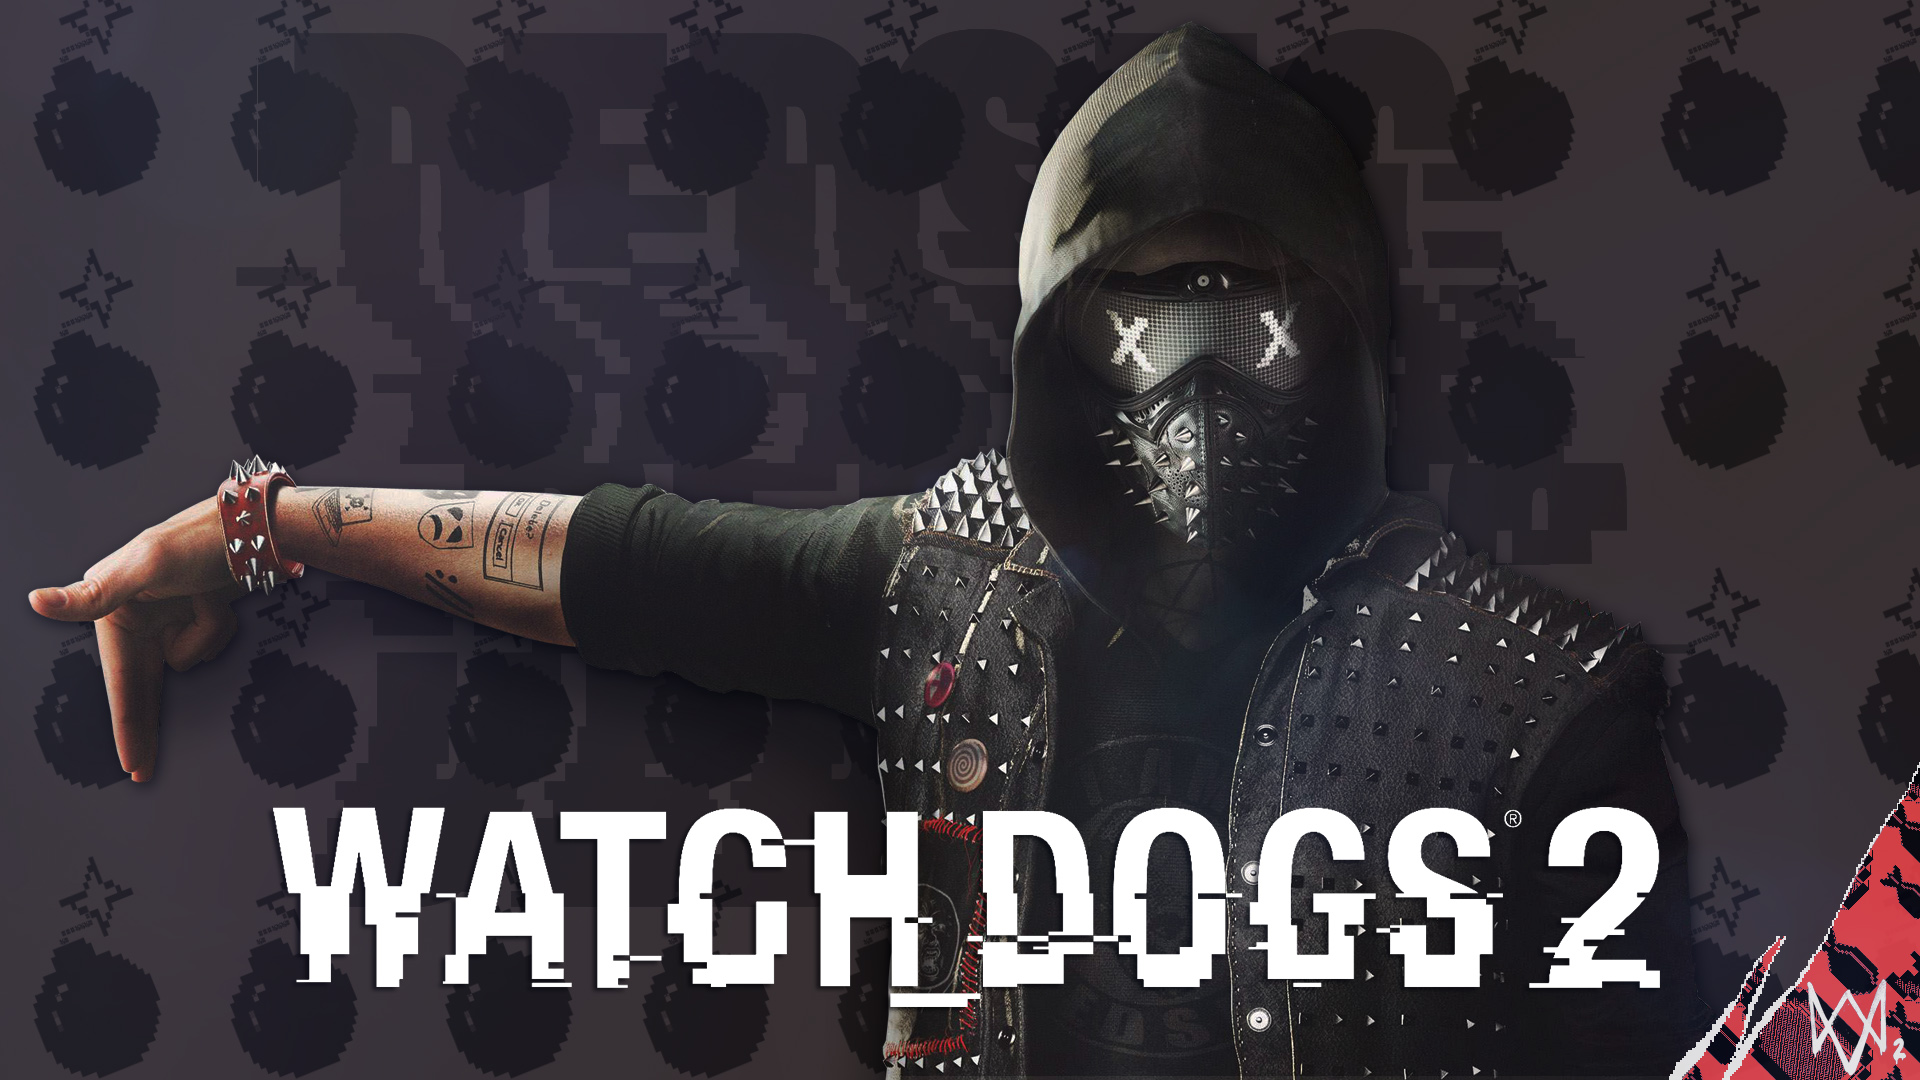 Watch Dogs 2 Wrench Fanart: Watch Dogs 2 Wrench _/fan Wallpaper By Digital-Zky On